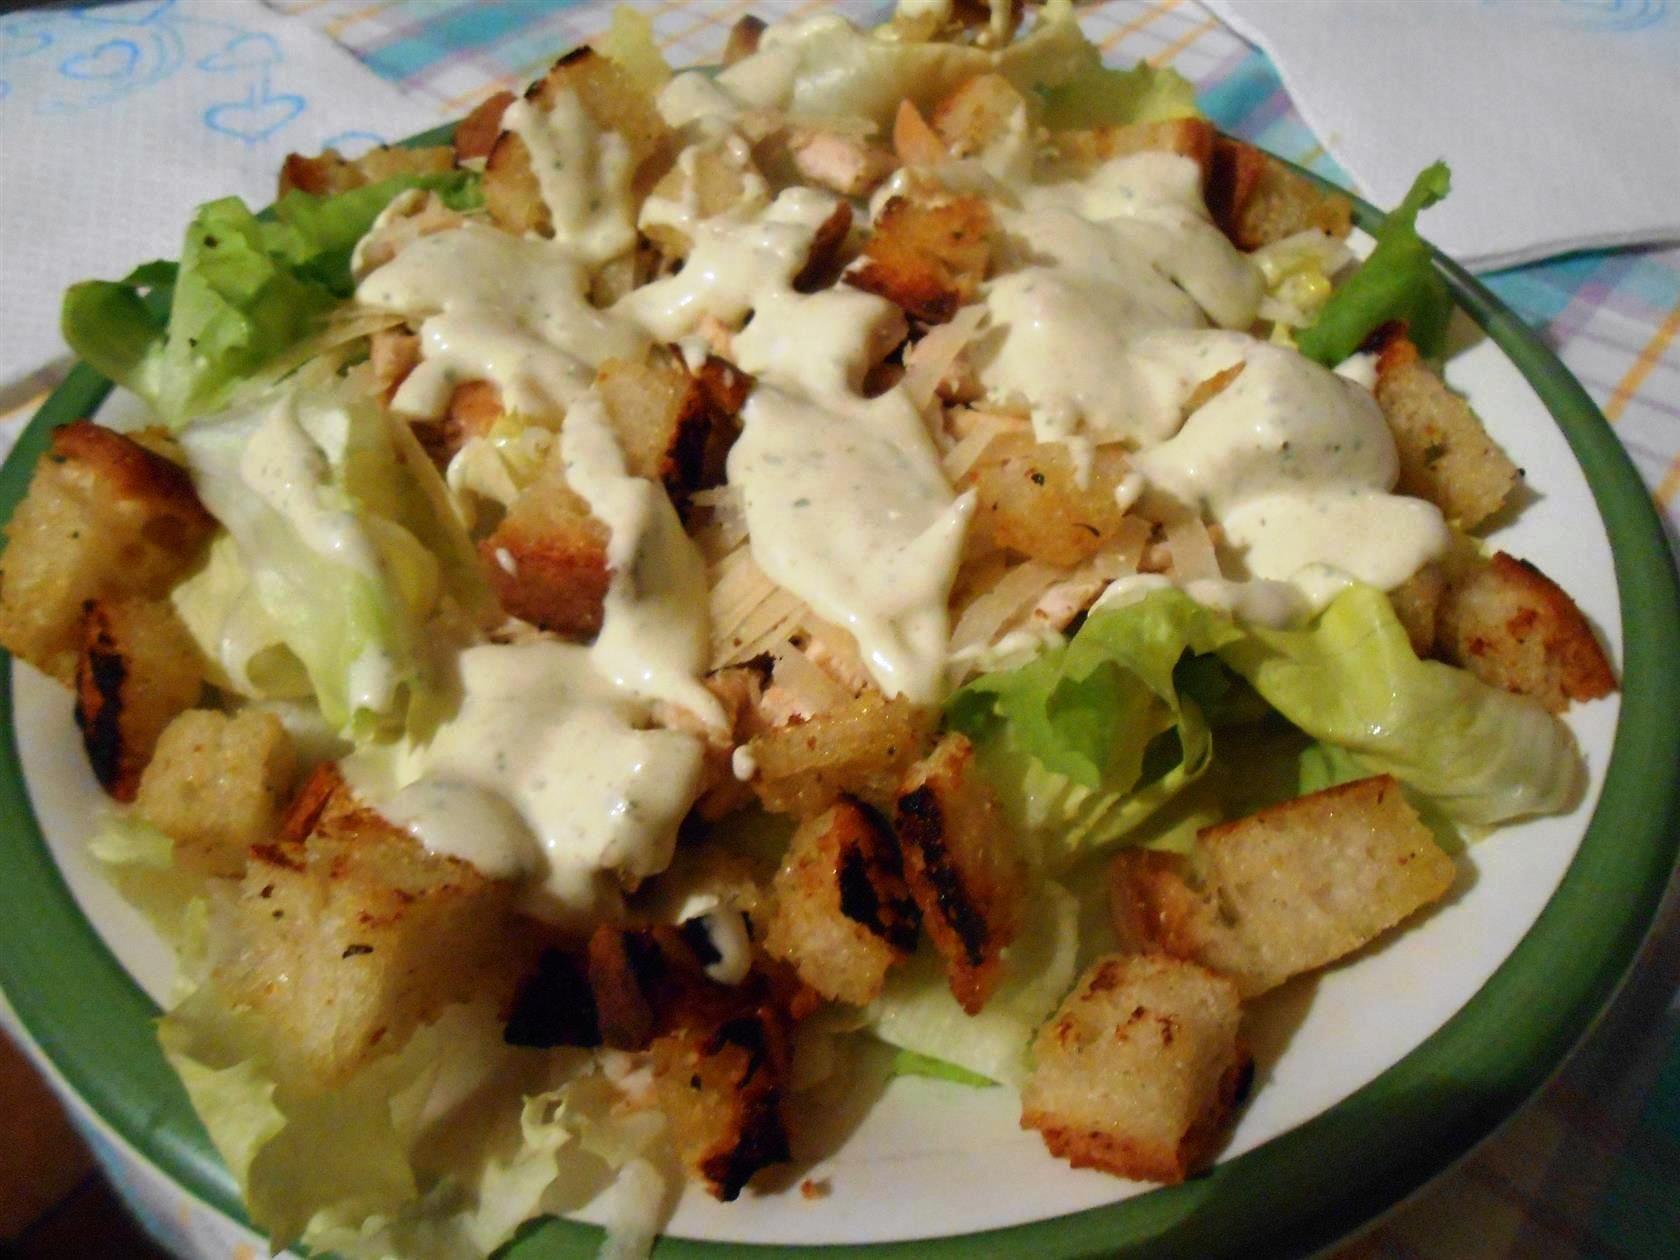 Ensalada Cesar Con La Receta De La Salsa Recetas Saladas  ~ Recetas De Ensaladas Faciles Y Originales